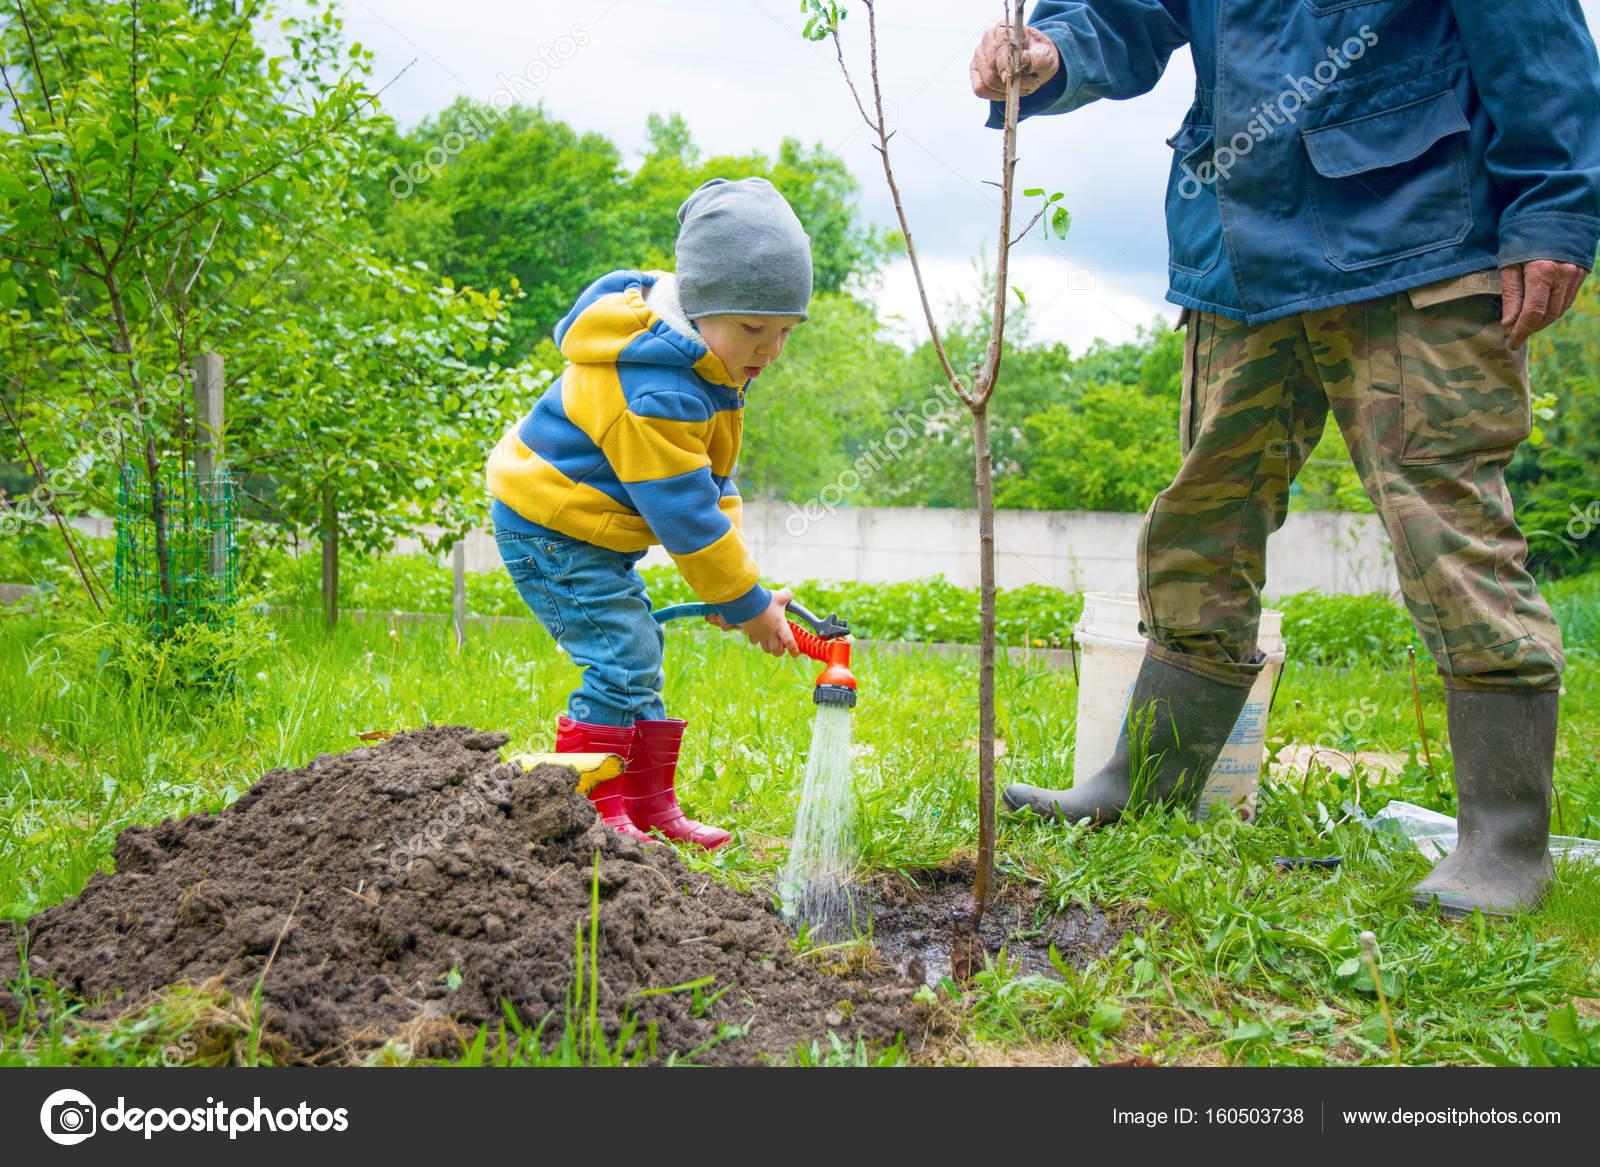 Boom Kleine Tuin : De kleine jongen in de tuin drenken de boom geplant door strengen